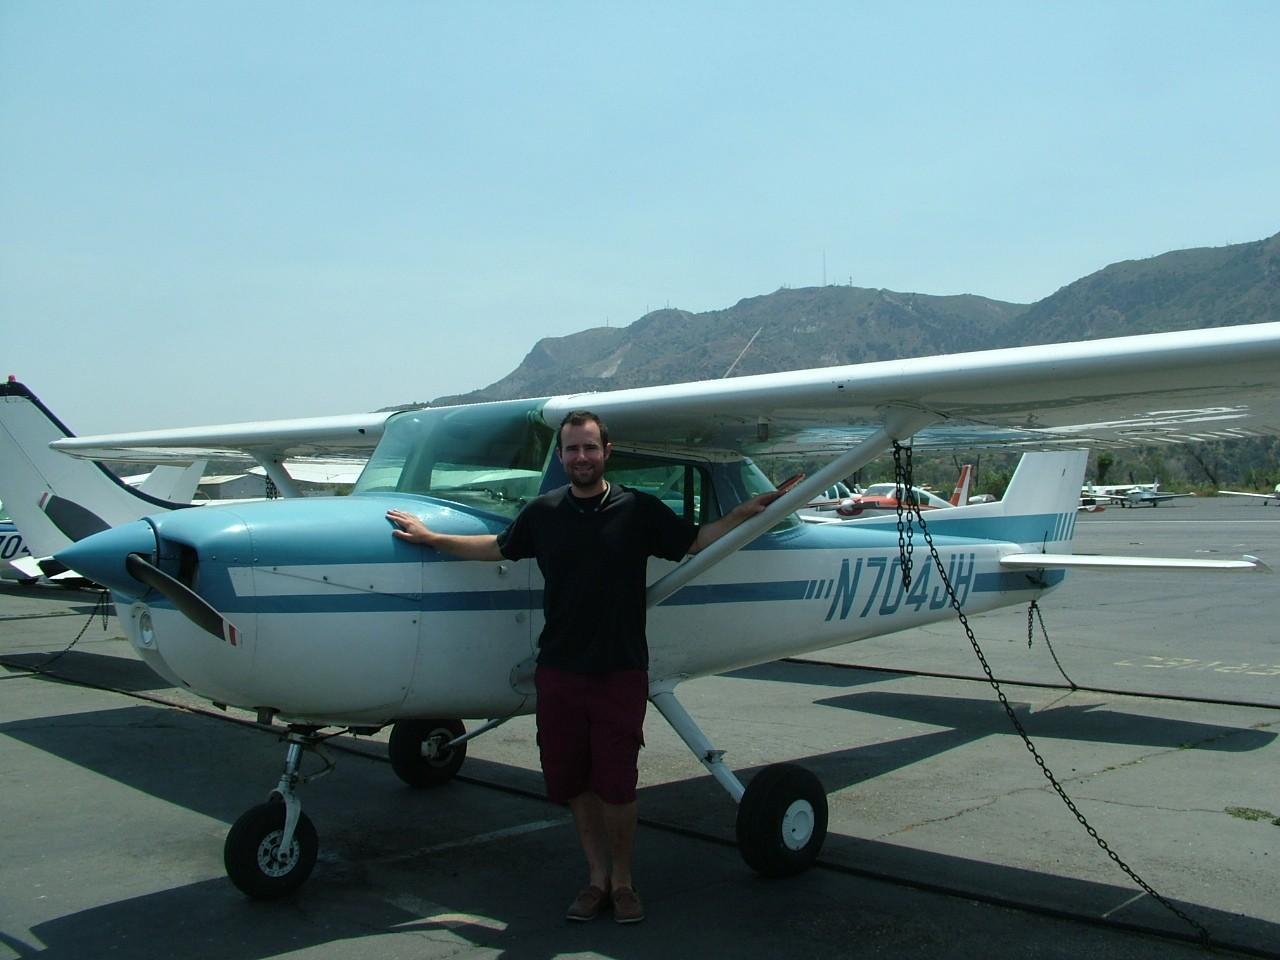 Private Pilot - Eric Stanton